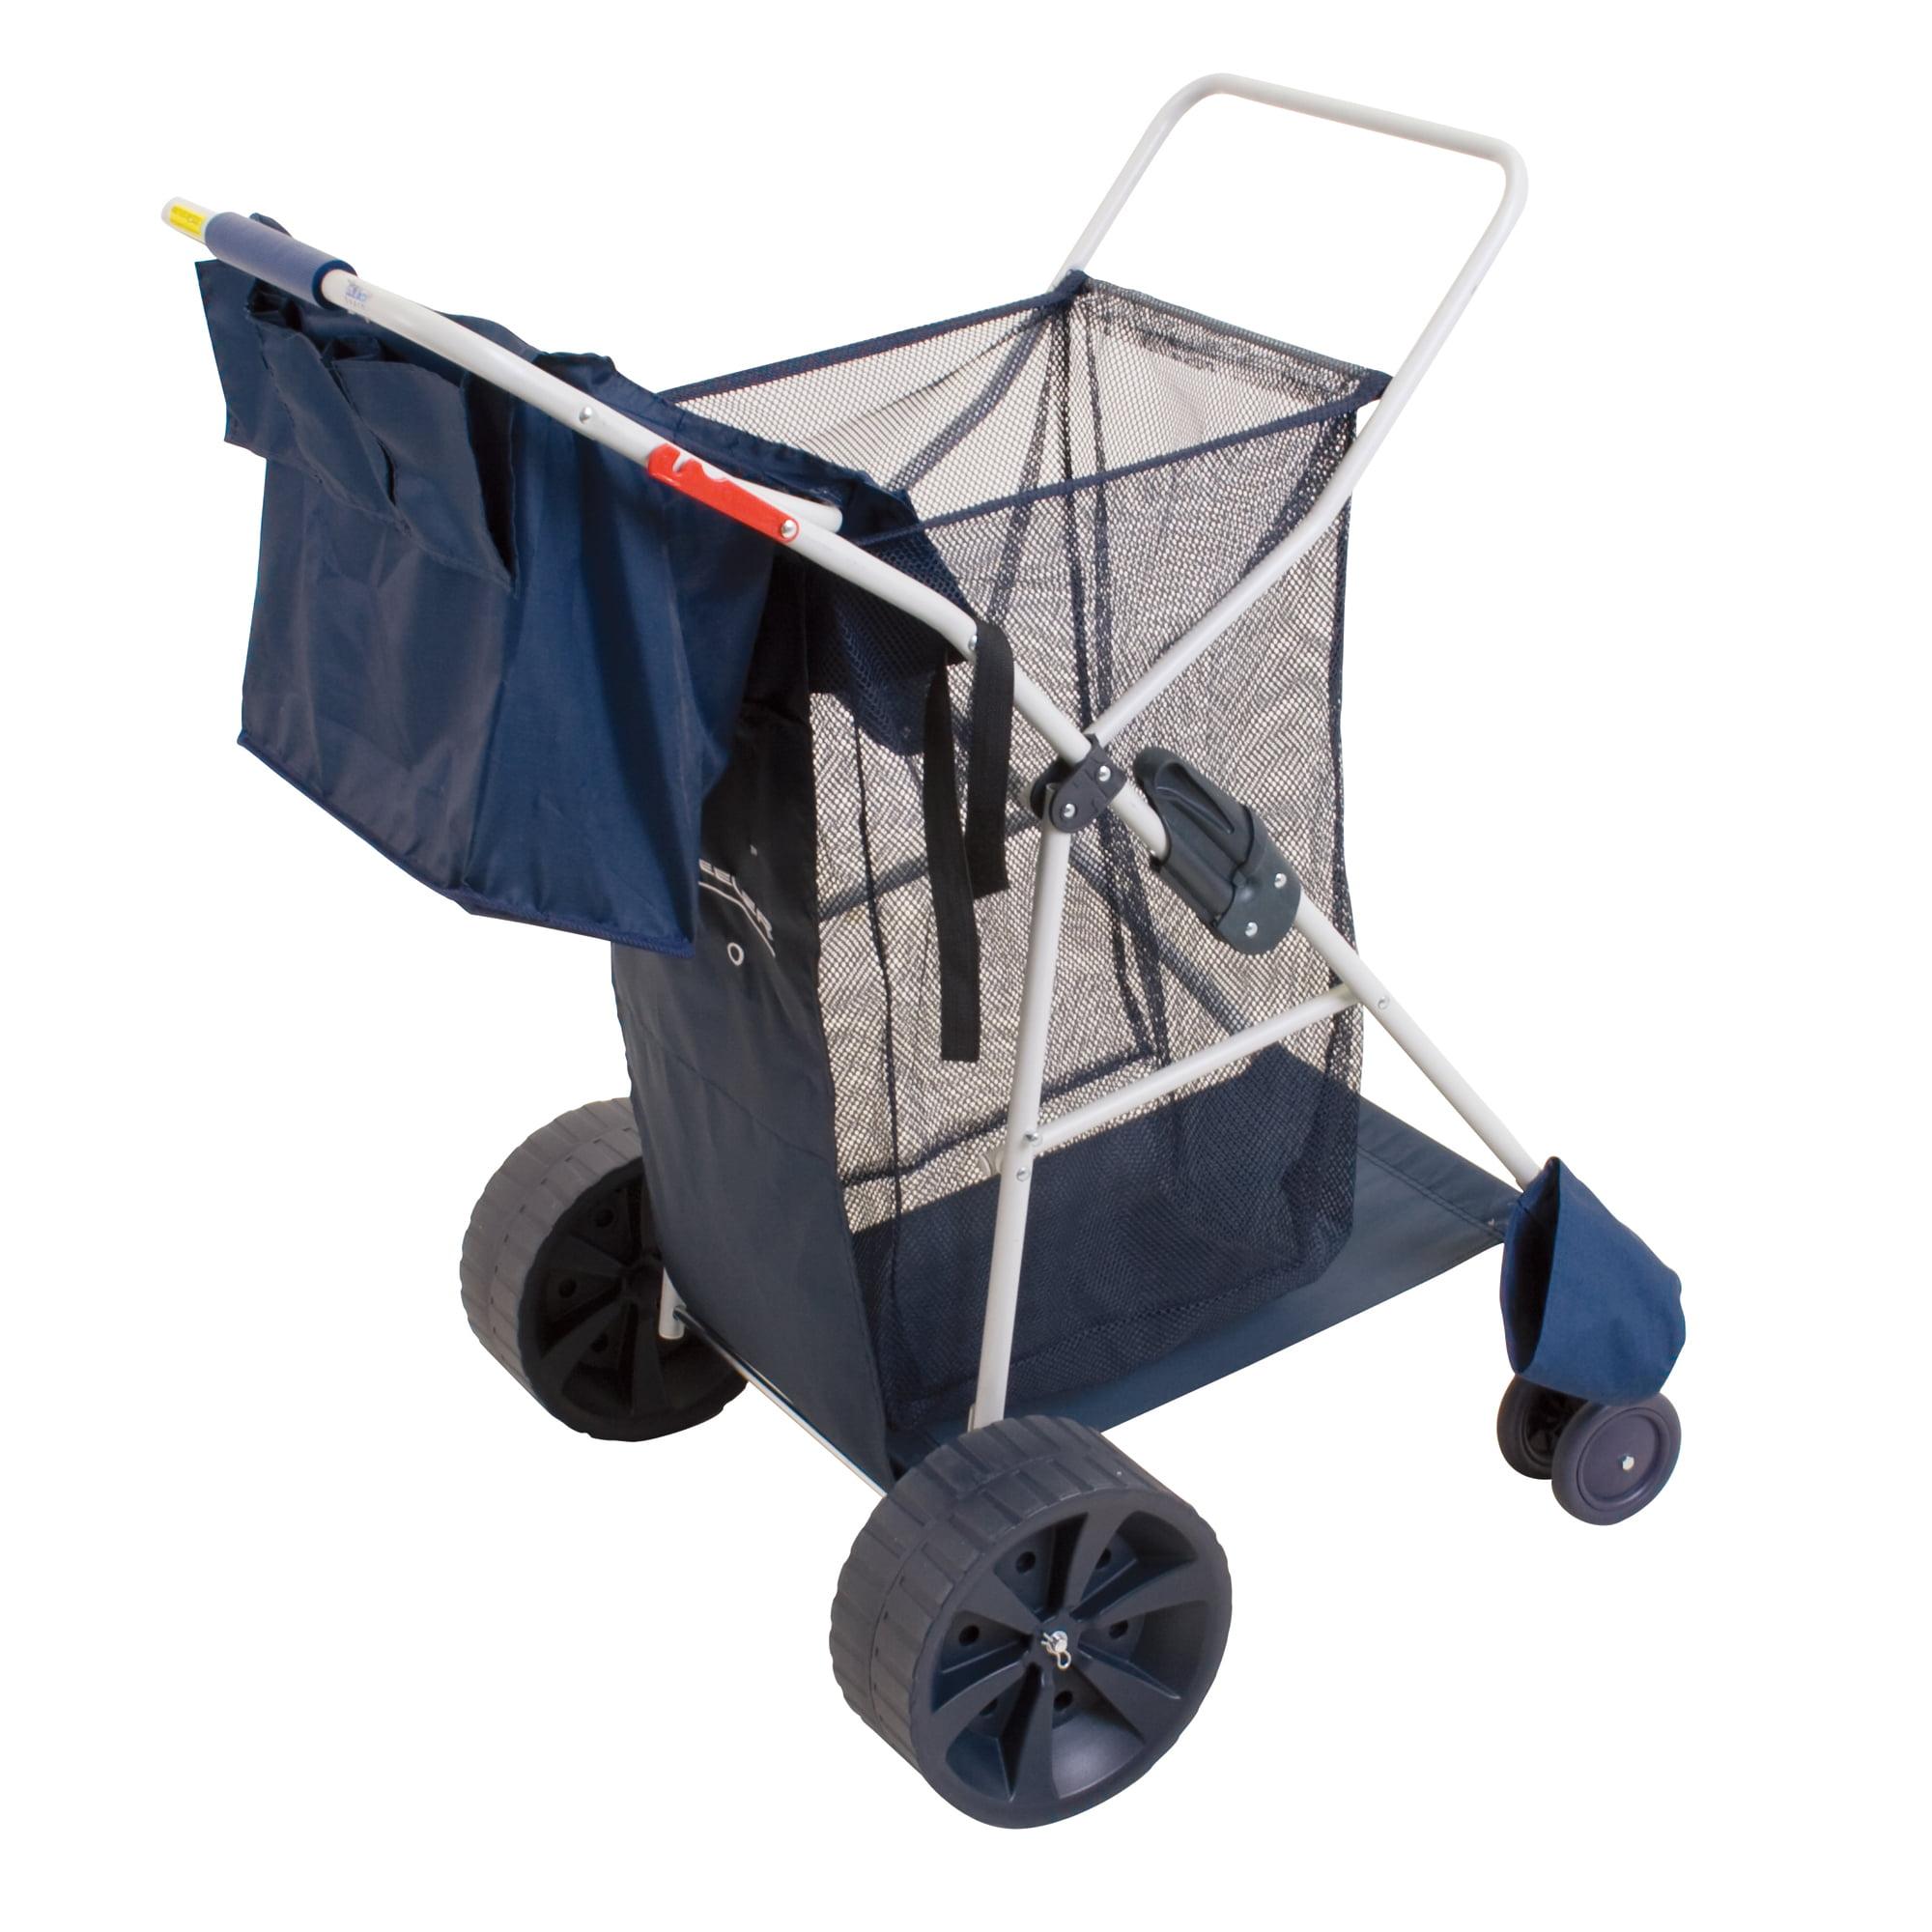 RIO Beach Big Wheel Beach Cart